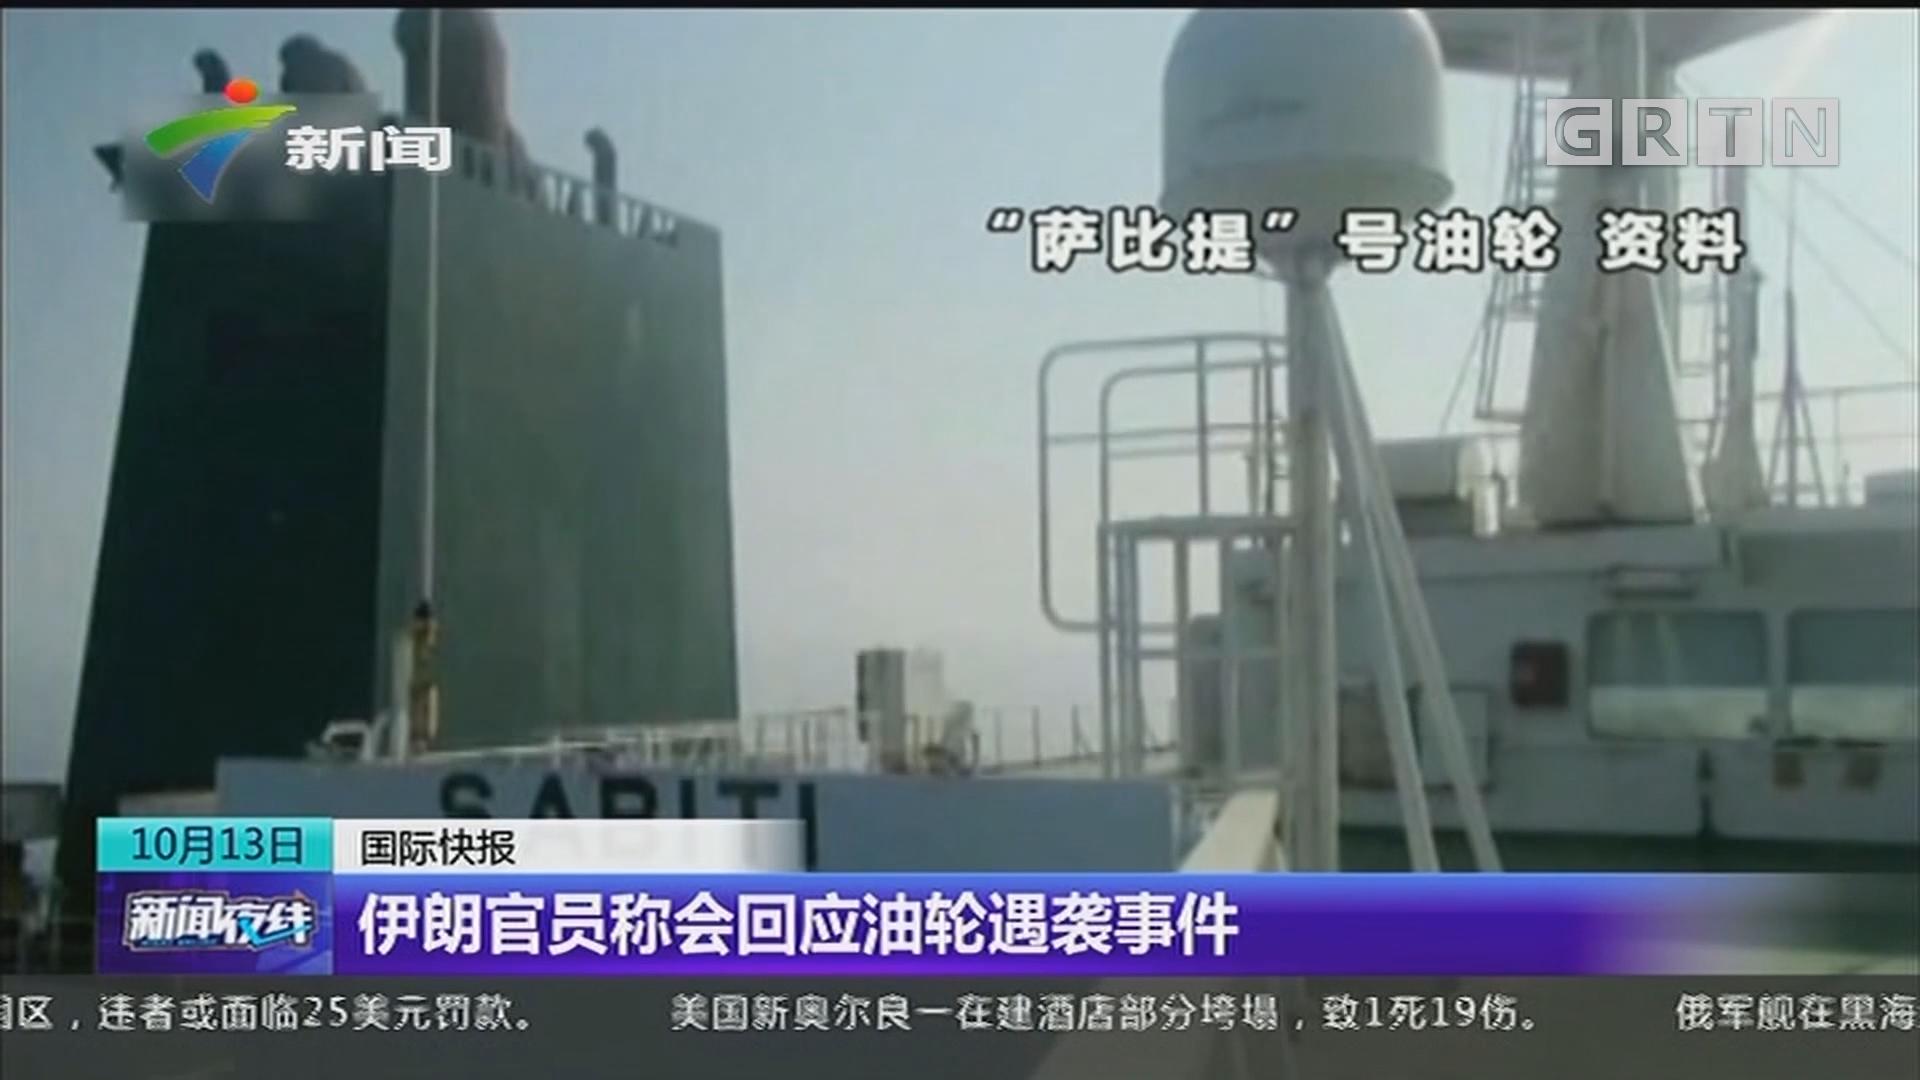 伊朗官员称会回应油轮遇袭事件